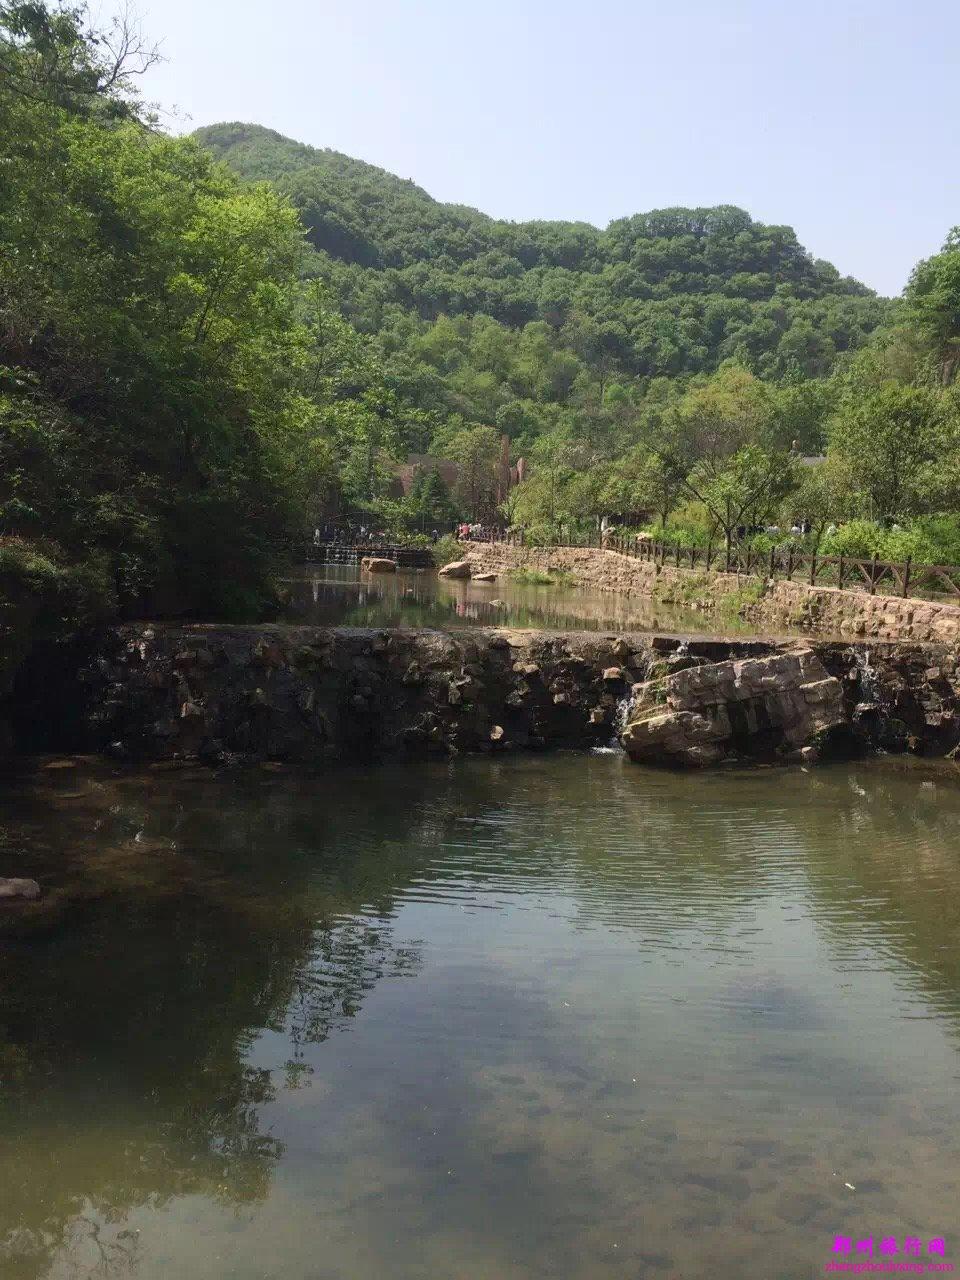 龙潭大峡谷一日游,万博app手机版到龙潭大峡谷一日游